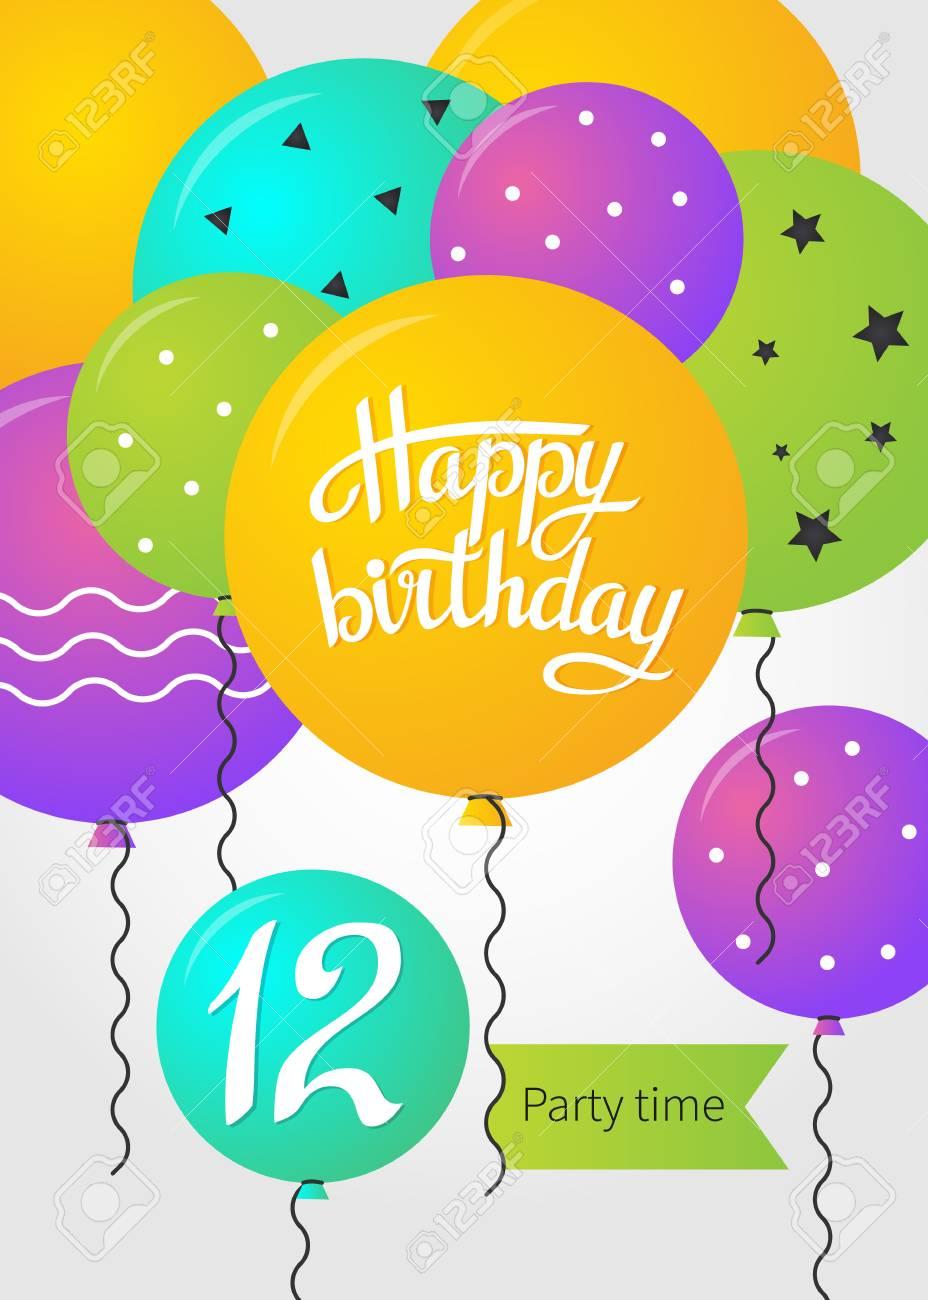 Modele De Carte De Joyeux Anniversaire Avec Des Ballons 12 Ans